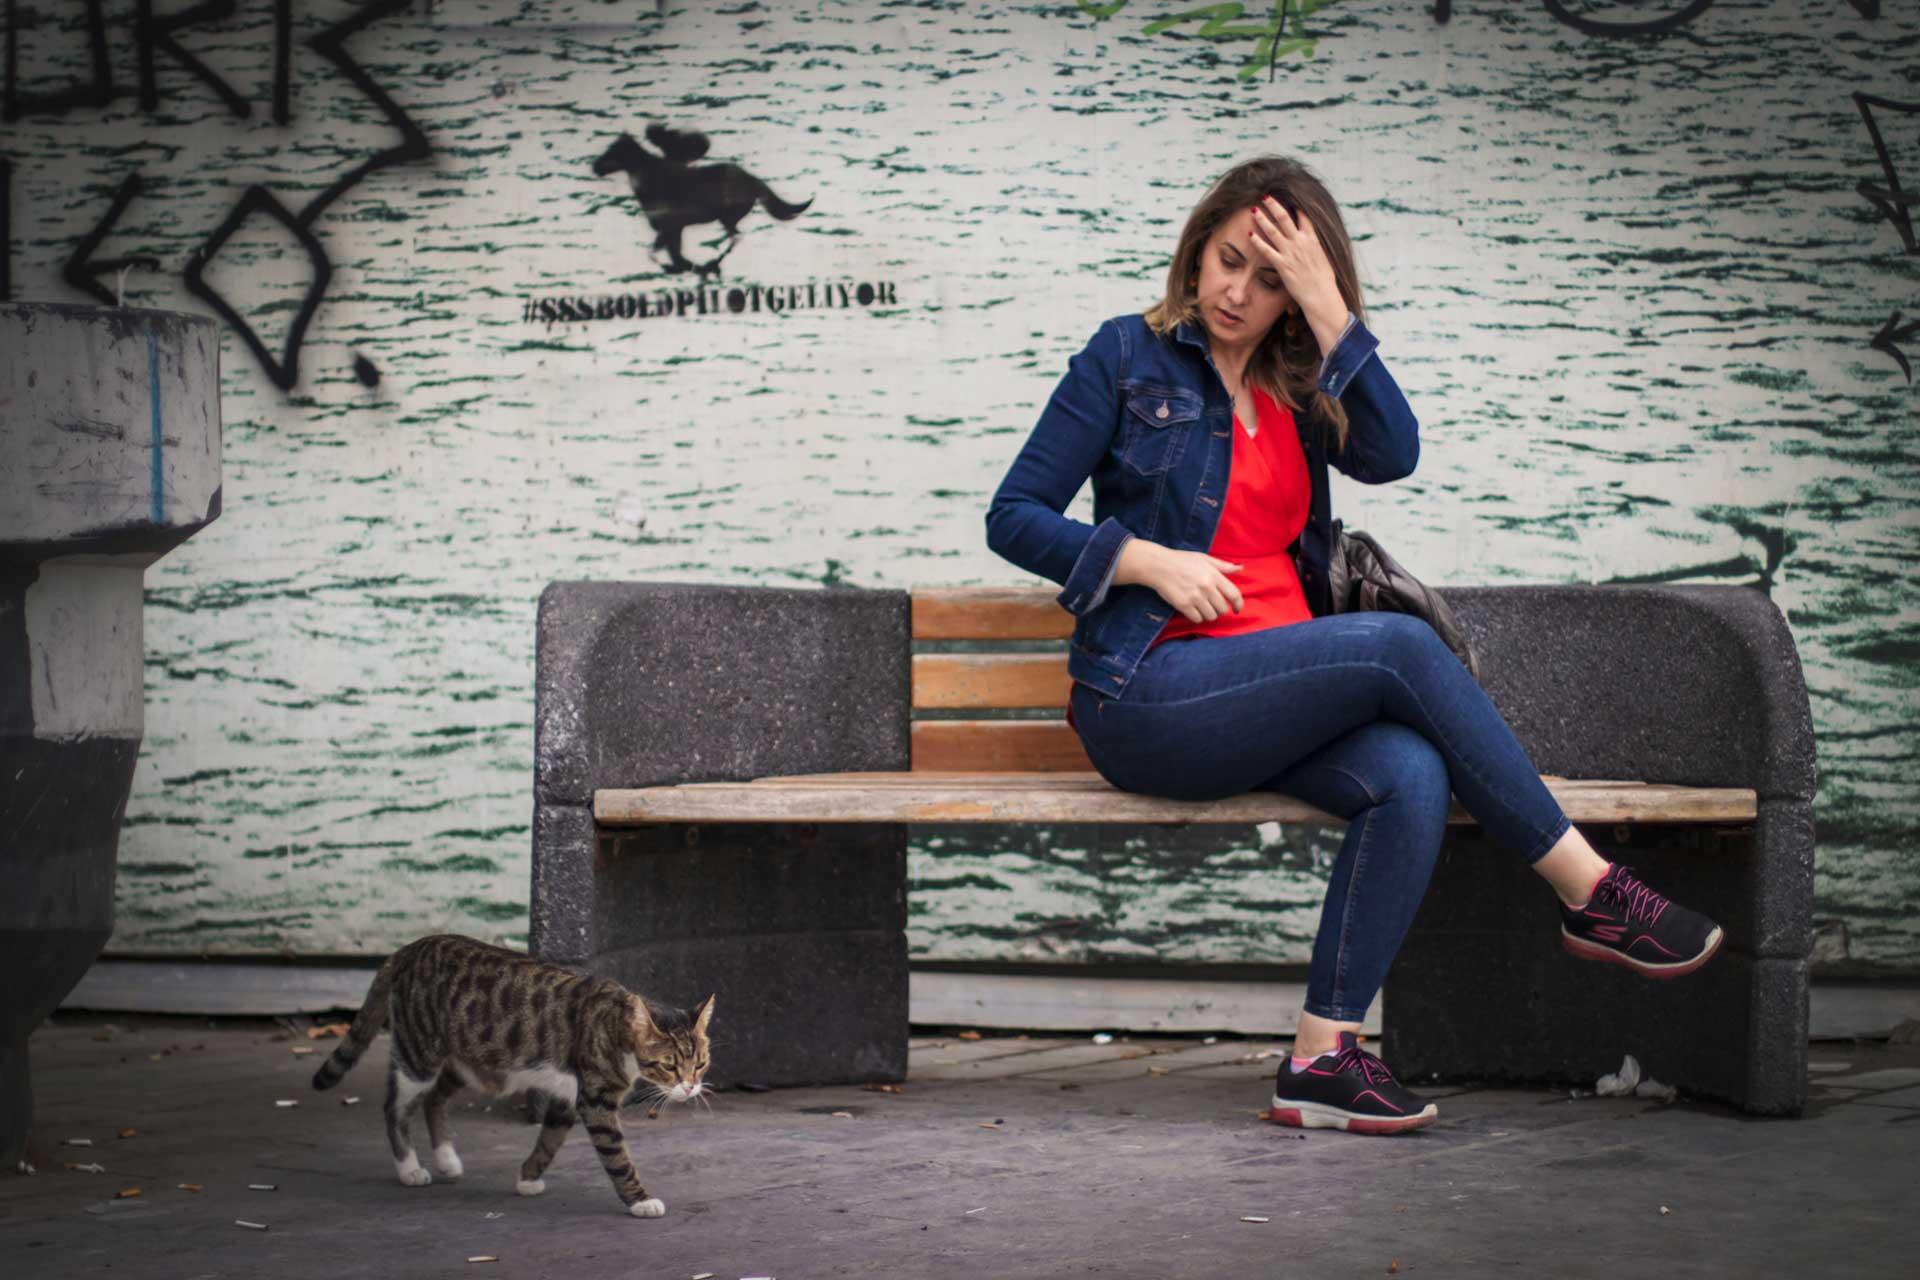 Karaköy insanlar ve kedi fotoğrafları  İstanbul Fotoğrafları Çekergezer Hakan Aydın Fotoğrafları www.cekergezer.com